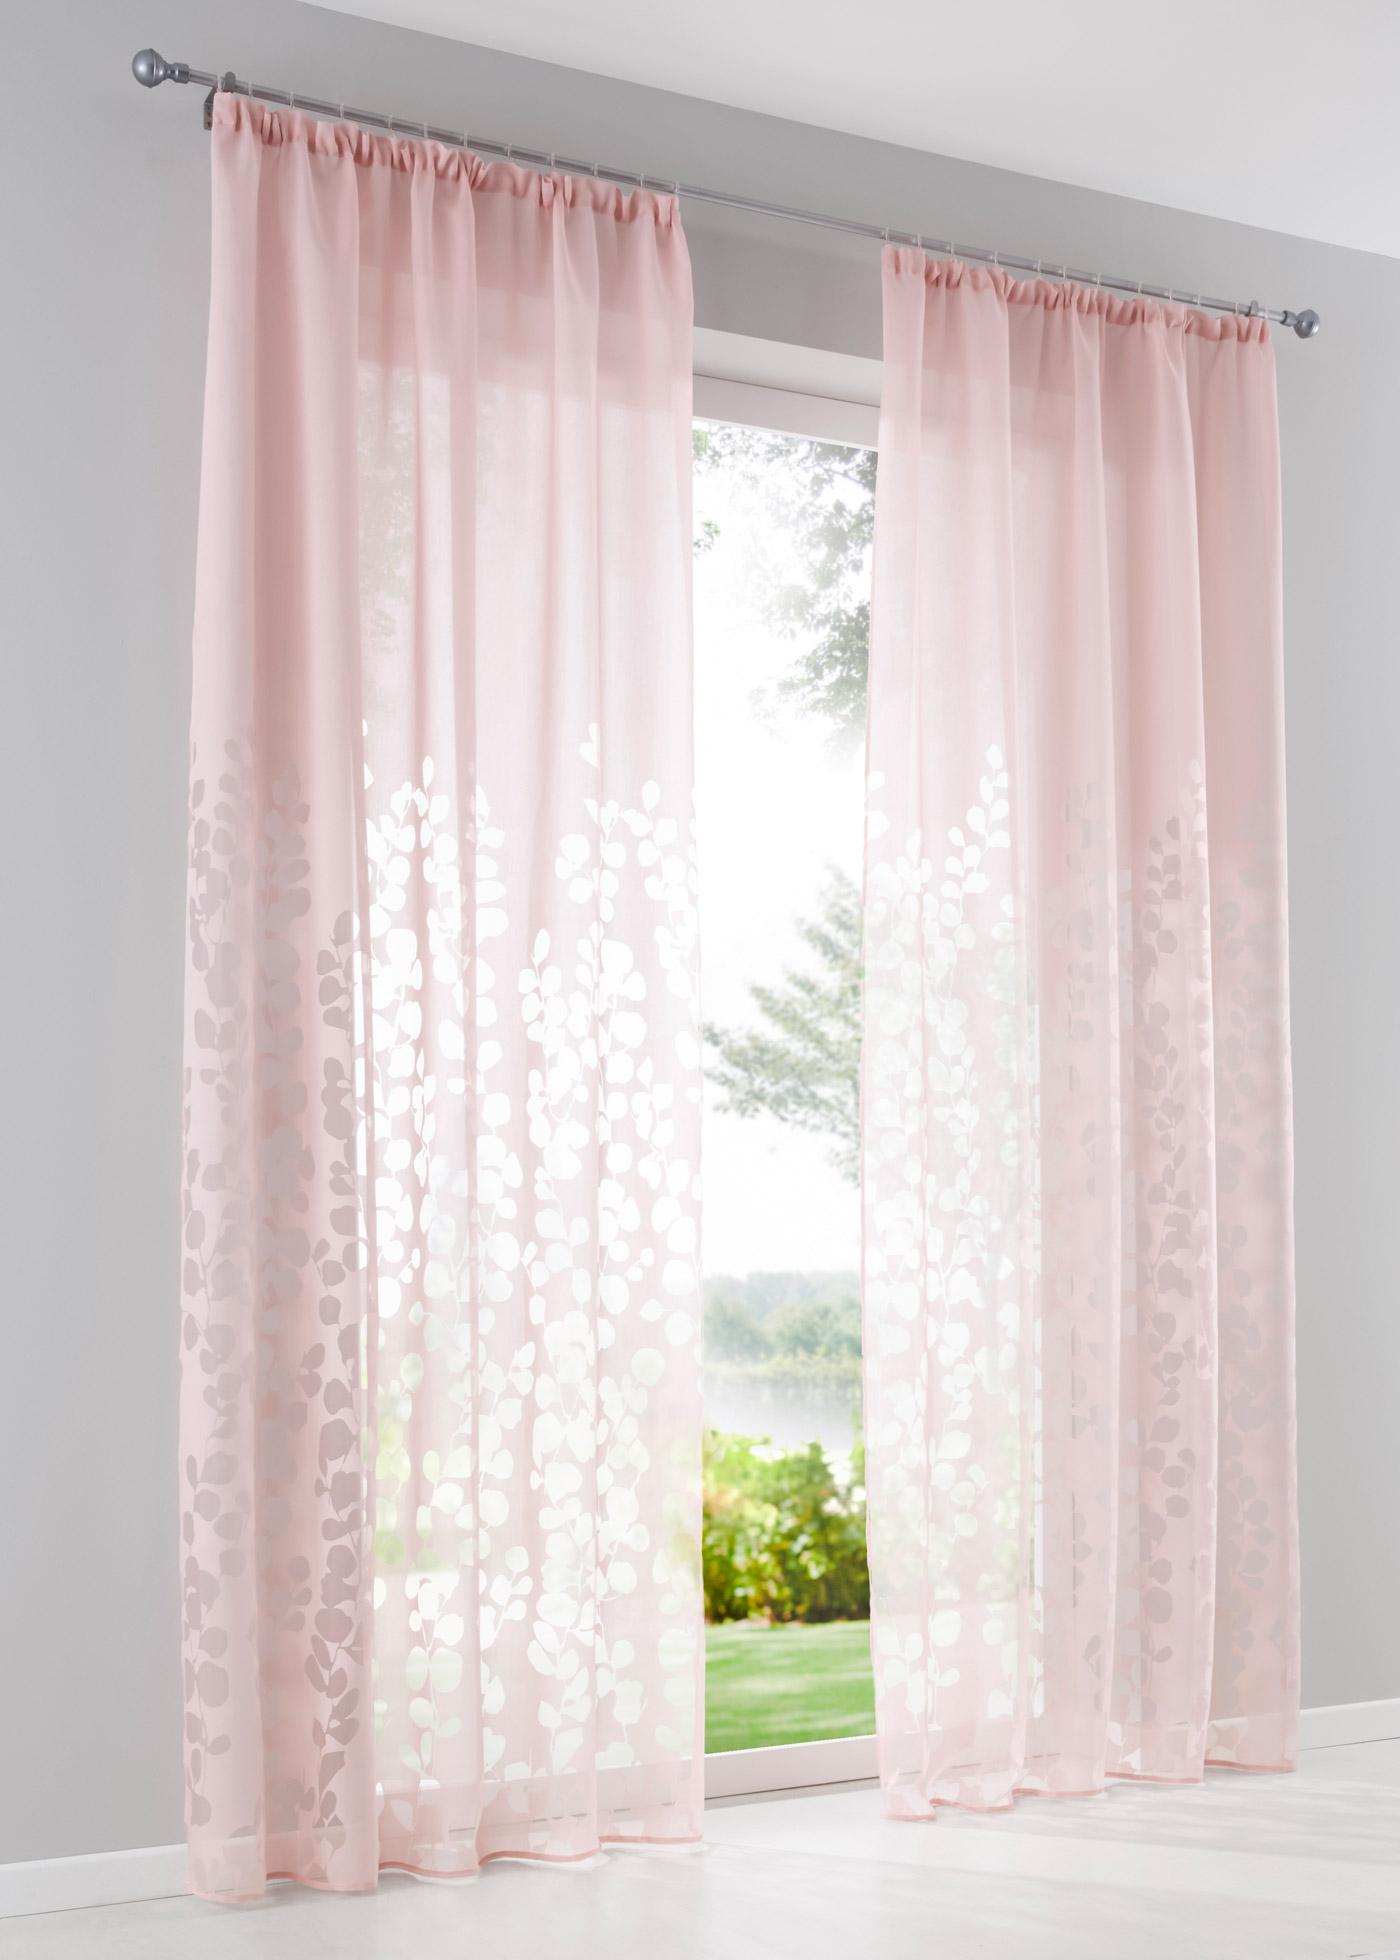 Vypalovaná záclona Jessica (1 ks v balení) - Růžová